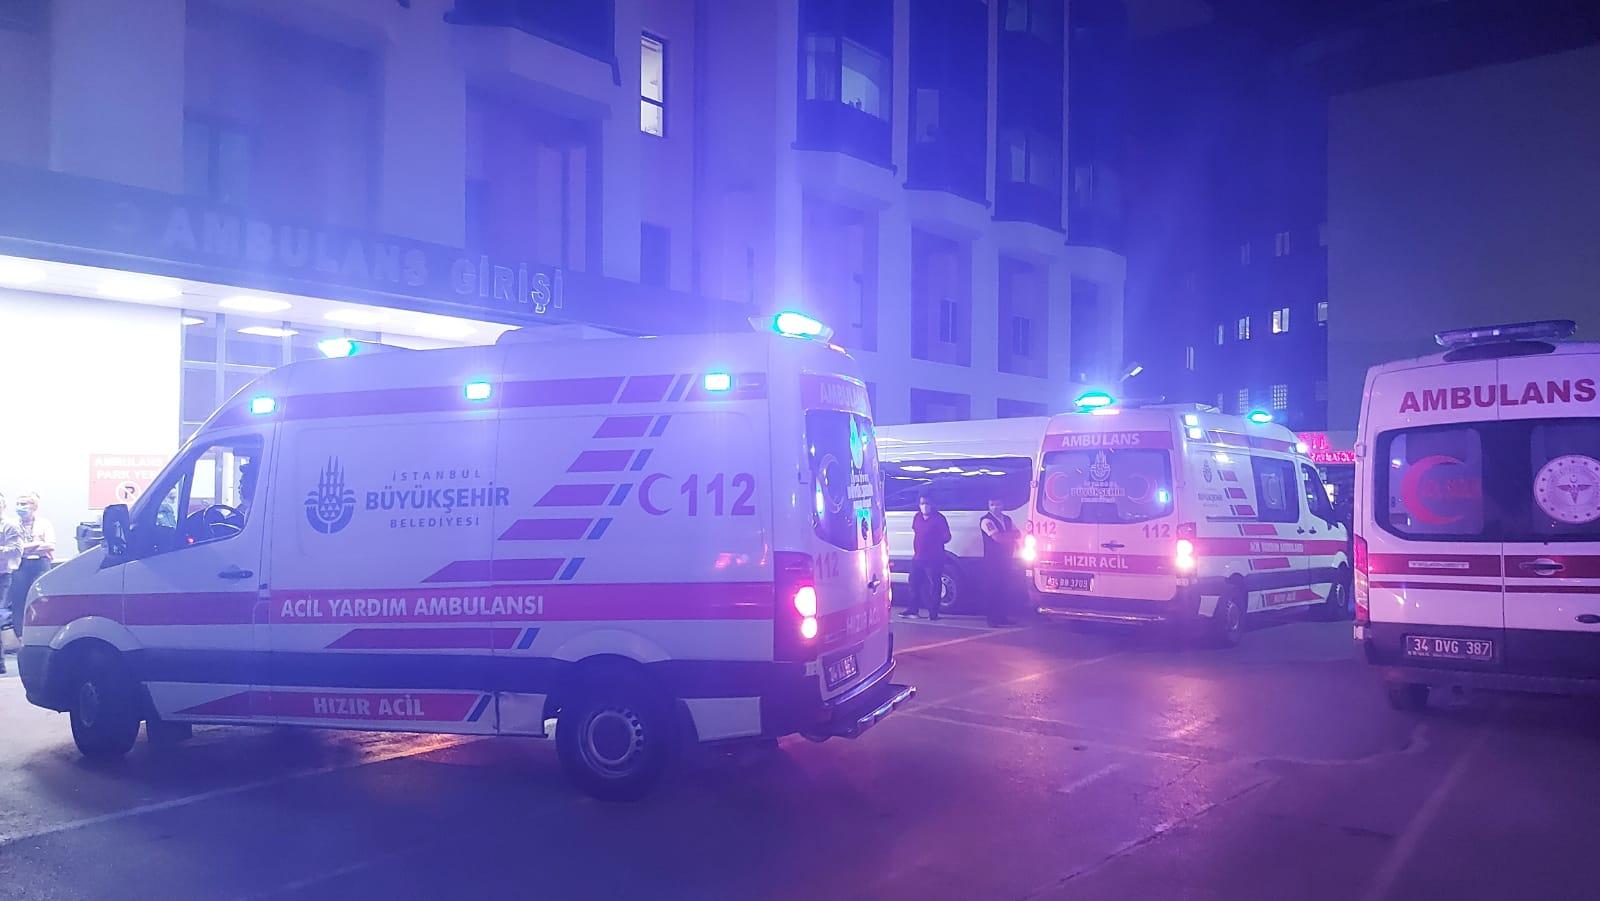 Bağcılar'da 112 çalışanına bıçaklı saldırı, 2 kişi yaralı